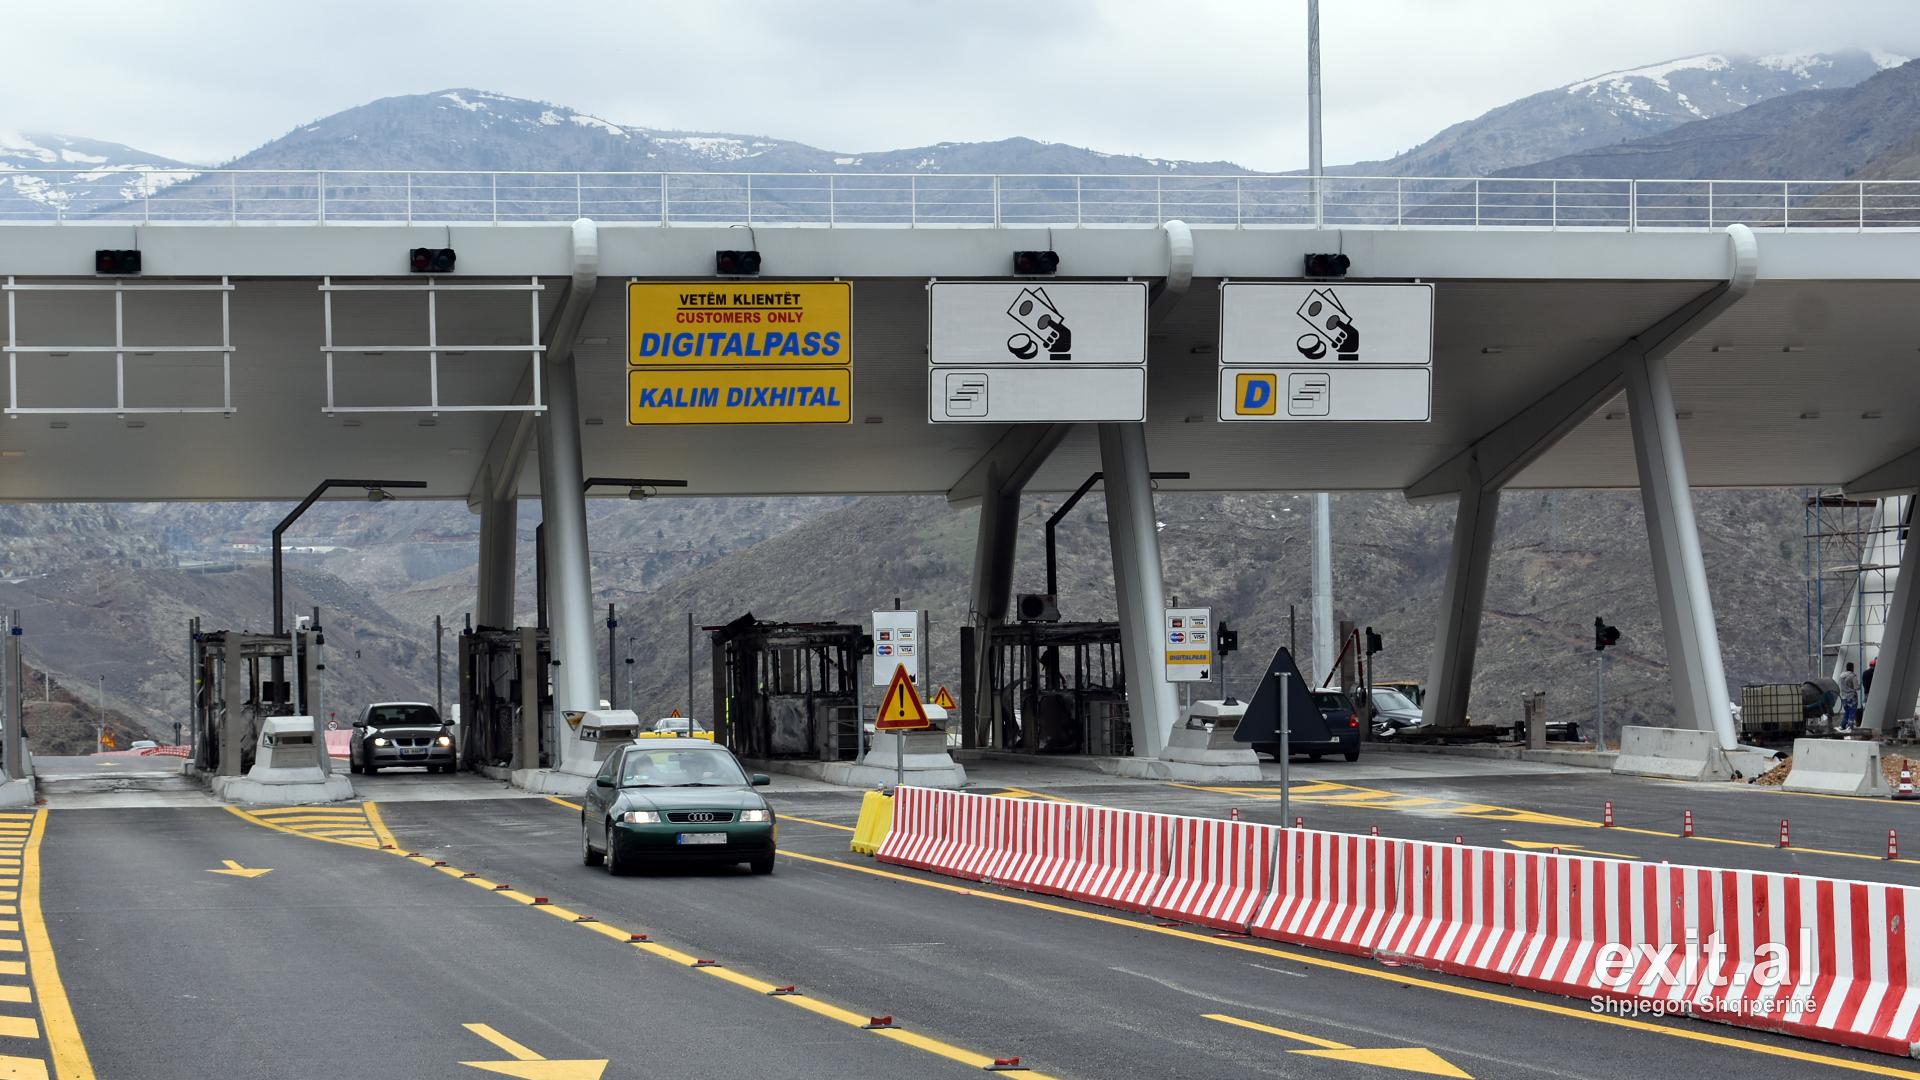 Kosova kërkon pezullimin e tarifës së rrugës së Kombit deri më 15 shtator